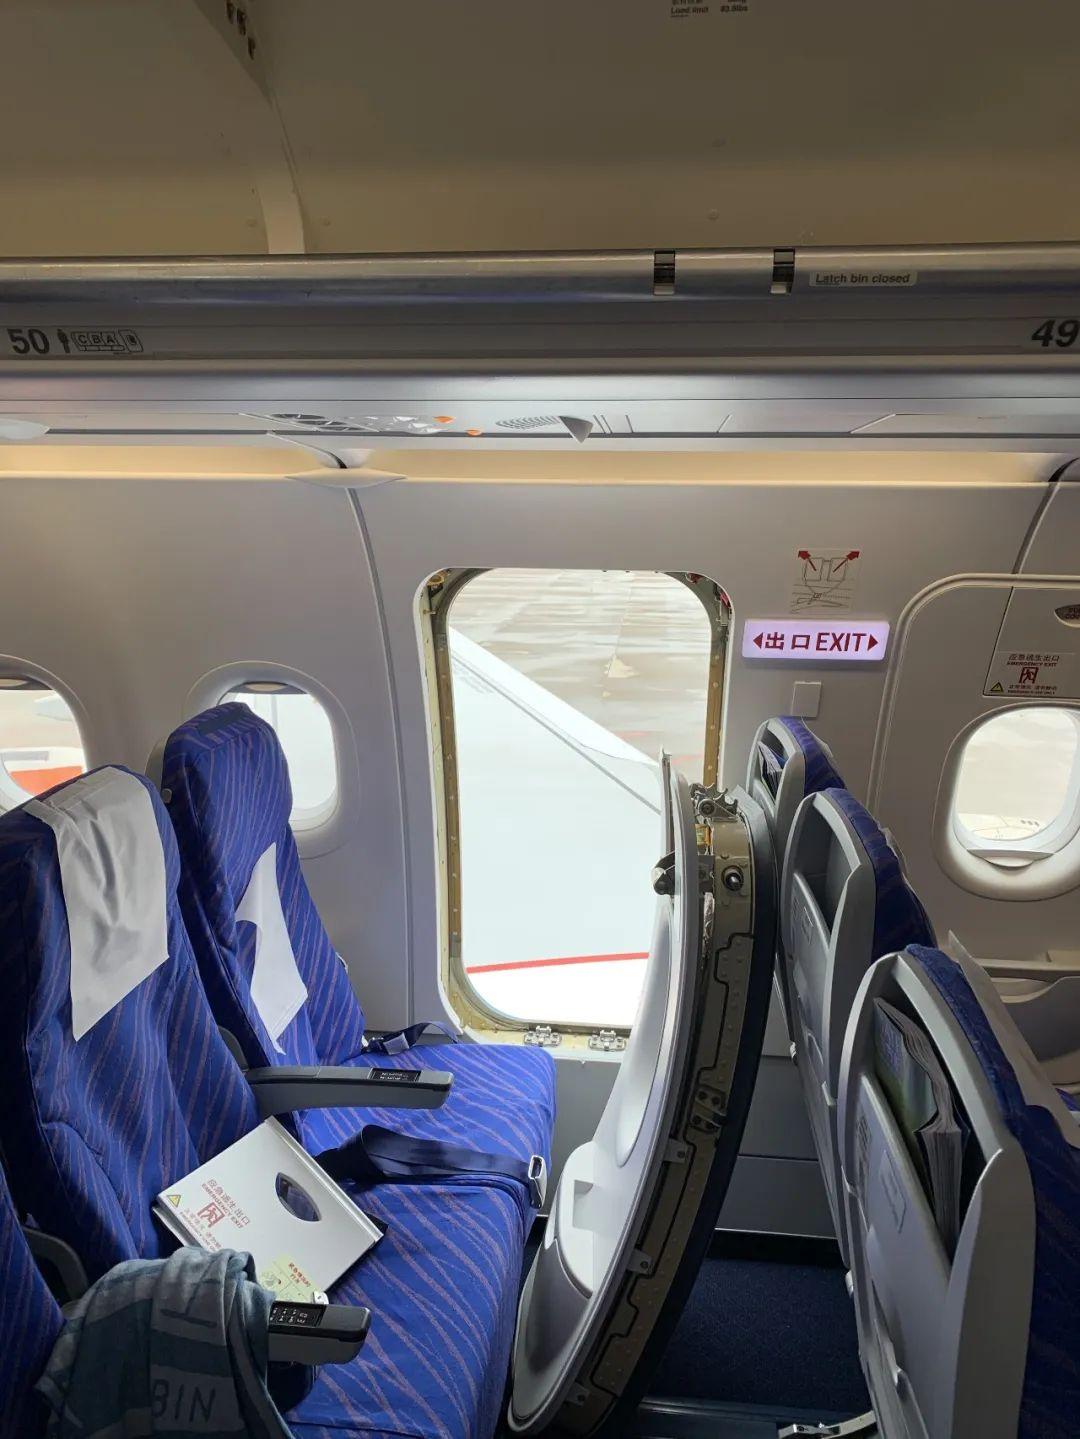 第一次坐飞机,女子误开应急舱门被拘!原因让人哭笑不得……